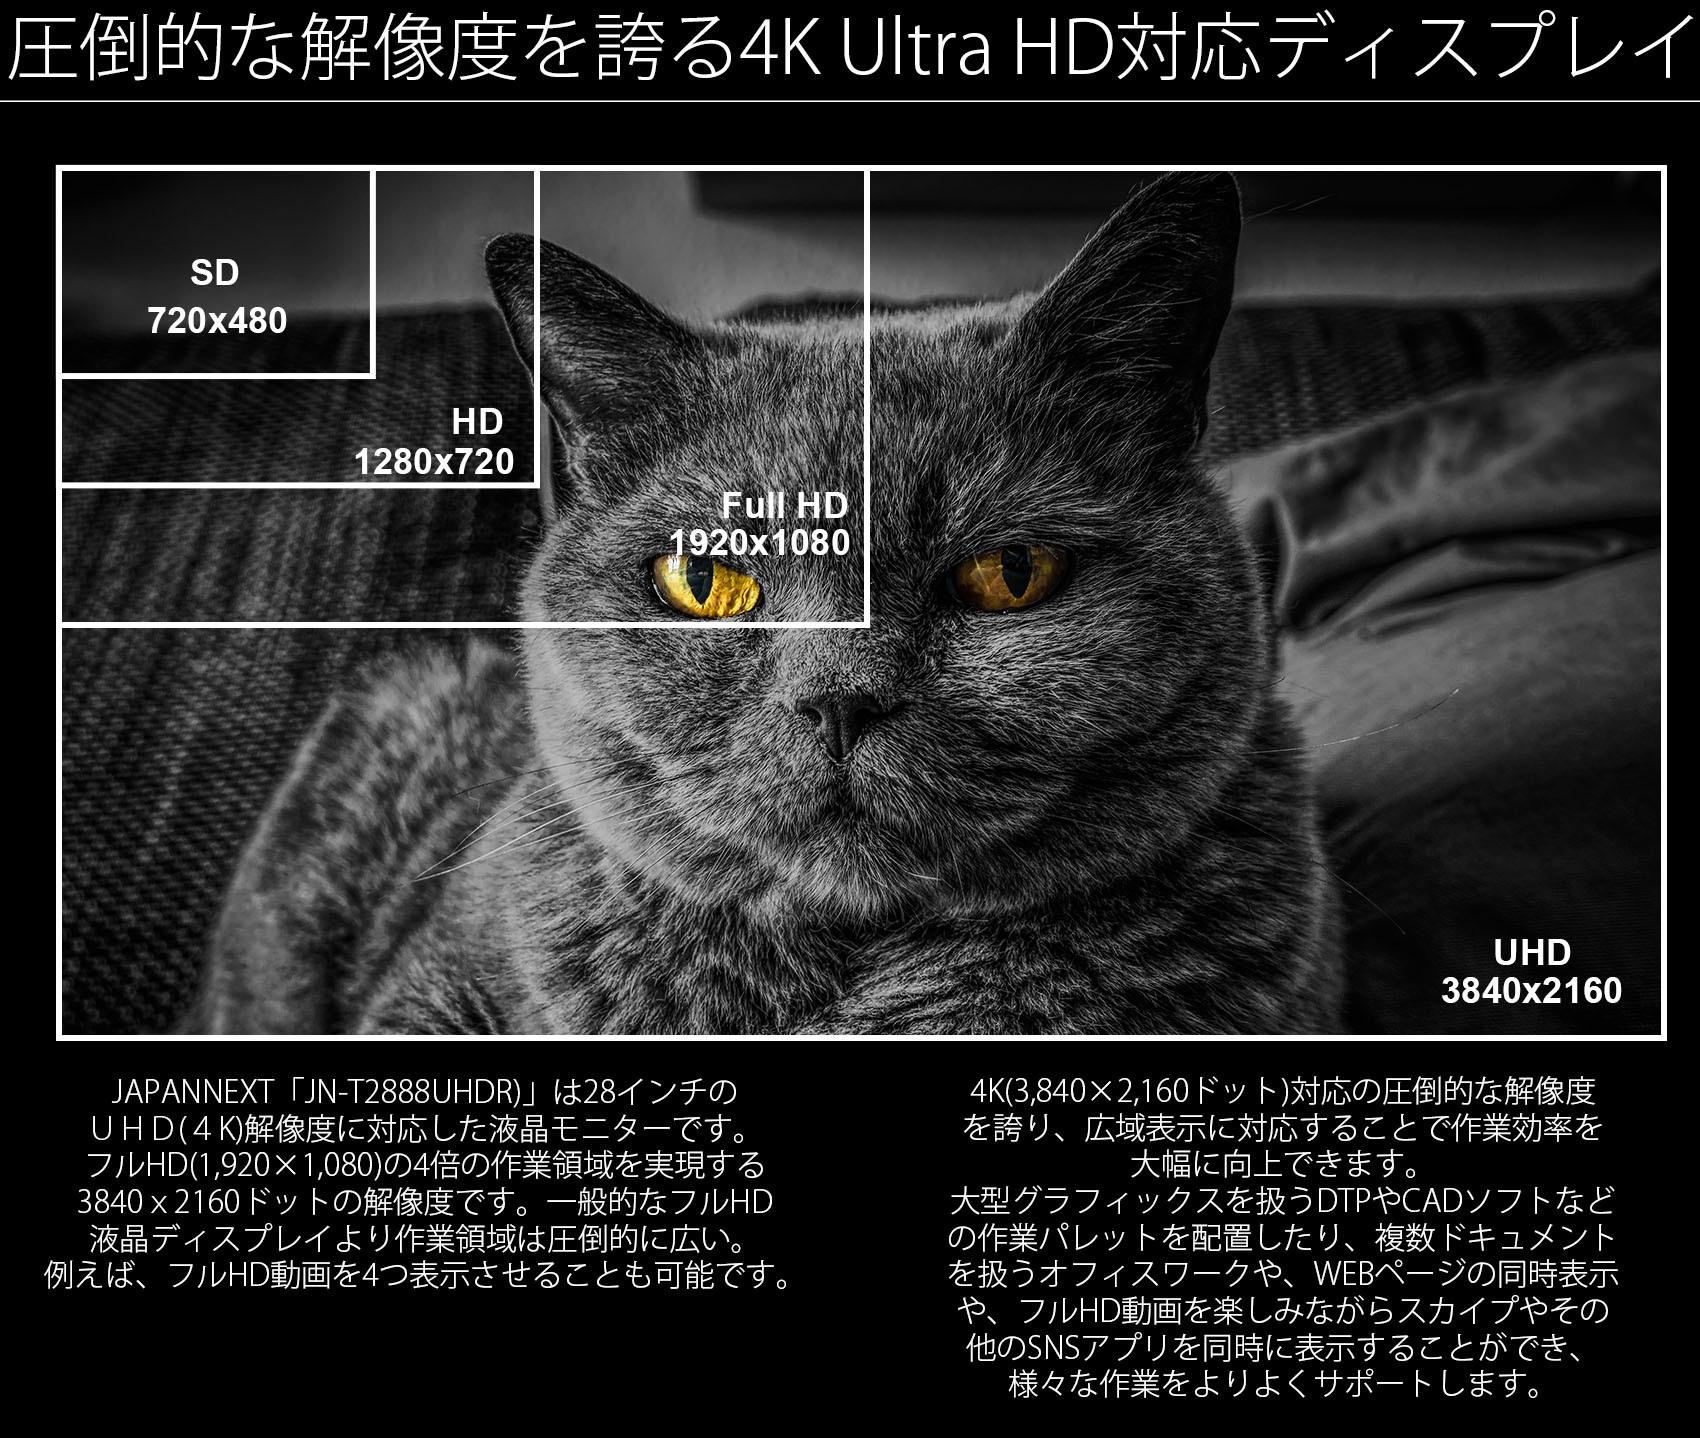 JAPANNEXT「JN-T284CUHDR」は28インチのUHD(4K)解像度に対応した液晶ディスプレイです。フルHD(1920×1080)の4倍の作業領域を実現する3840x2160ドットの解像度です。一般的なフルHD液晶ディスプレイより作業領域は圧倒的に広い。例えば、フルHD動画を同時に4つ表示可能です。4K(3840x2160ドット)対応の圧倒的な解像度を誇り、広域表示に対応することで作業効率を大幅に向上できます。大型グラフィックスを扱うDTPやCADソフトなどの作業パレットを配置したり、複数ドキュメントを扱うオフィスワークや、WEBページの同時表示や、フルHD動画を楽しみながらスカイプやその他のSNSアプリを同時に表示することができ、様々な作業をよりよくサポートします。